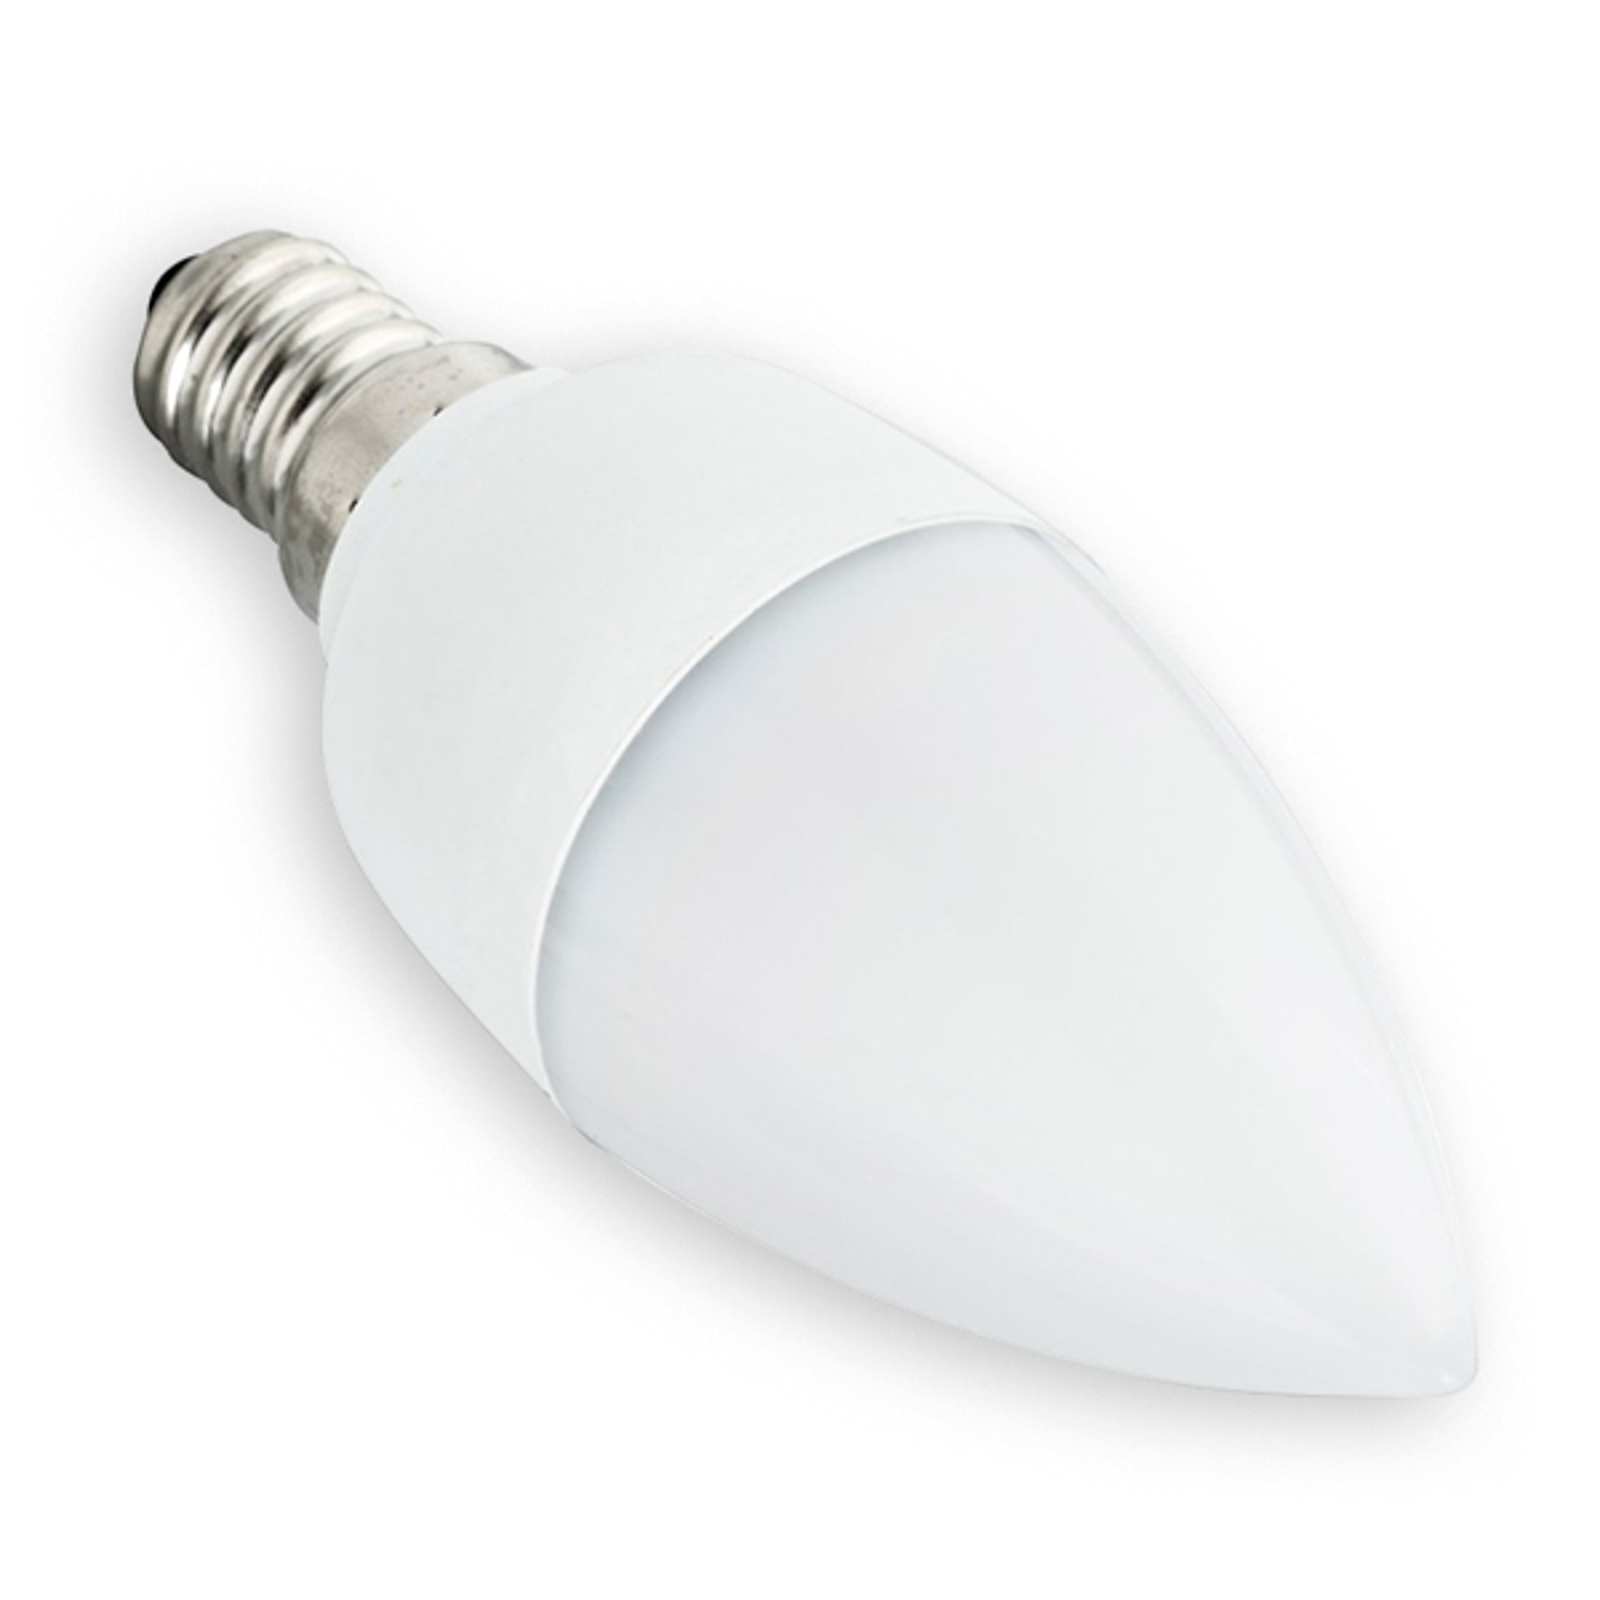 Żarówka świeca LED E14 5,5W 927 matowa ściemniana